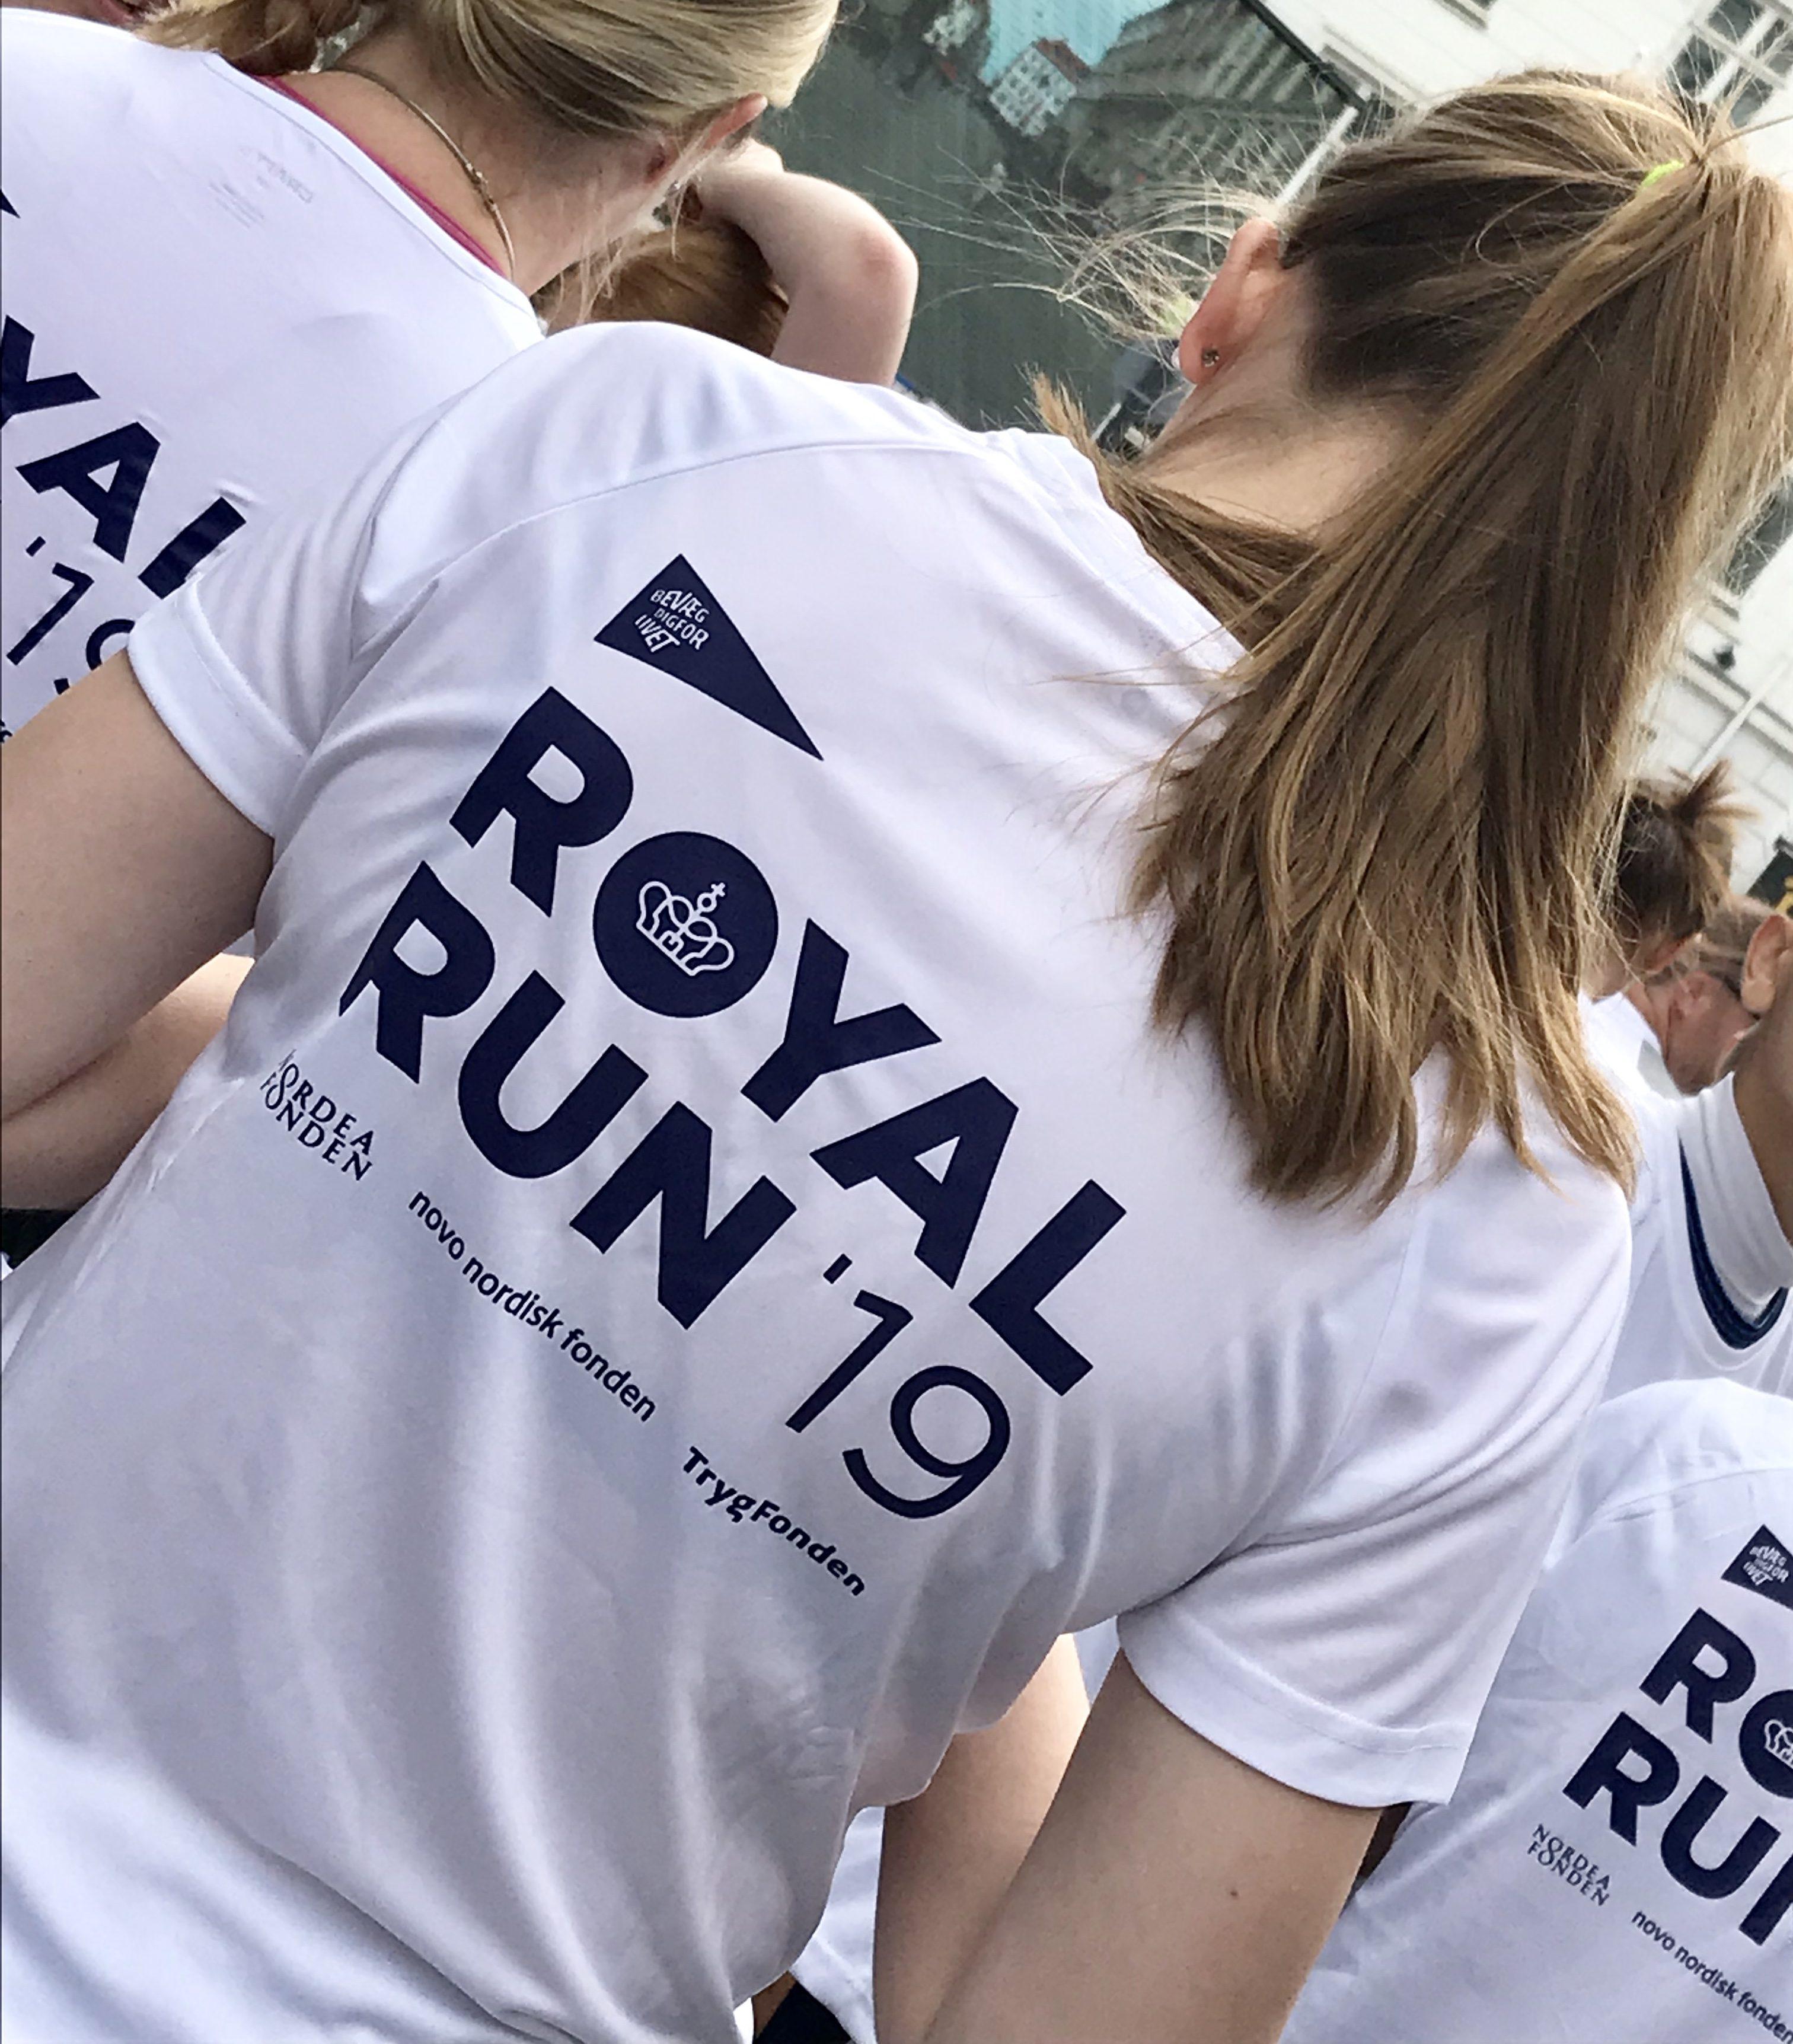 Royal Run, løb, motion, kronprins frederik, kongehuset, københavn